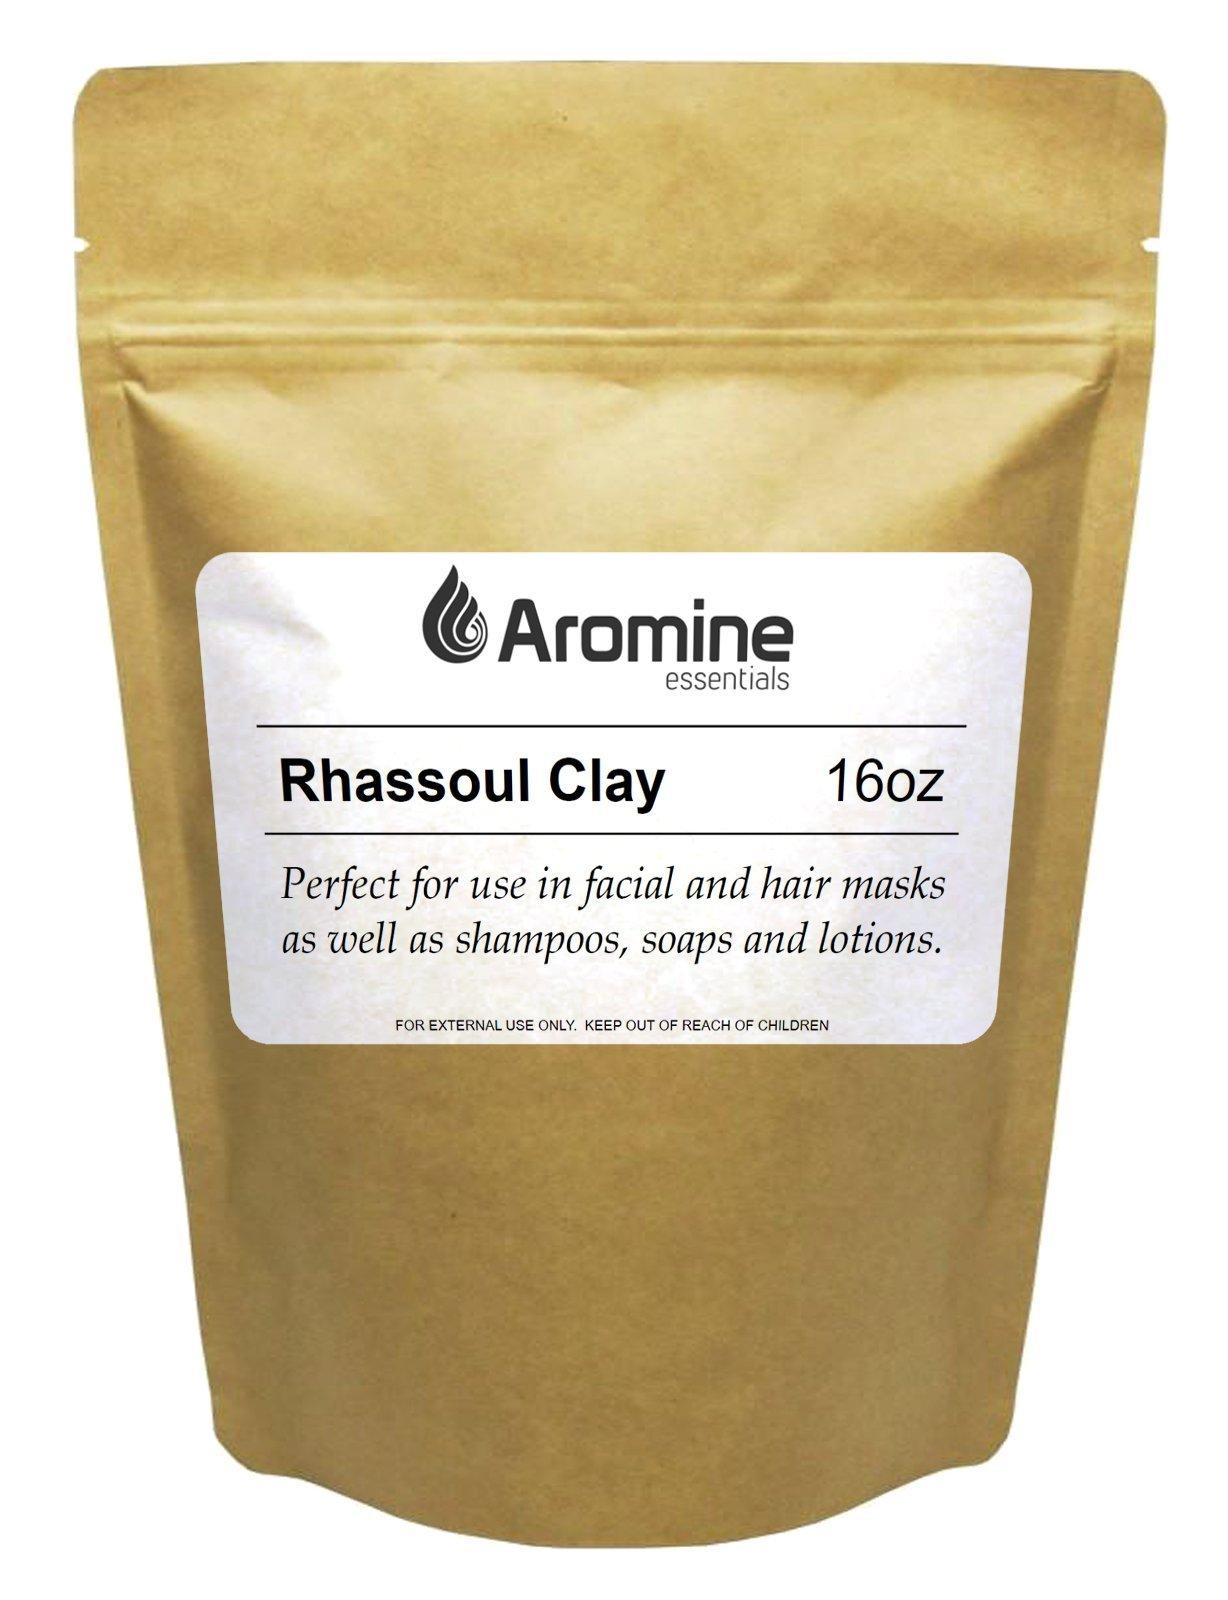 Rhassoul Clay Powder 16oz Moroccan Ghassoul Clay